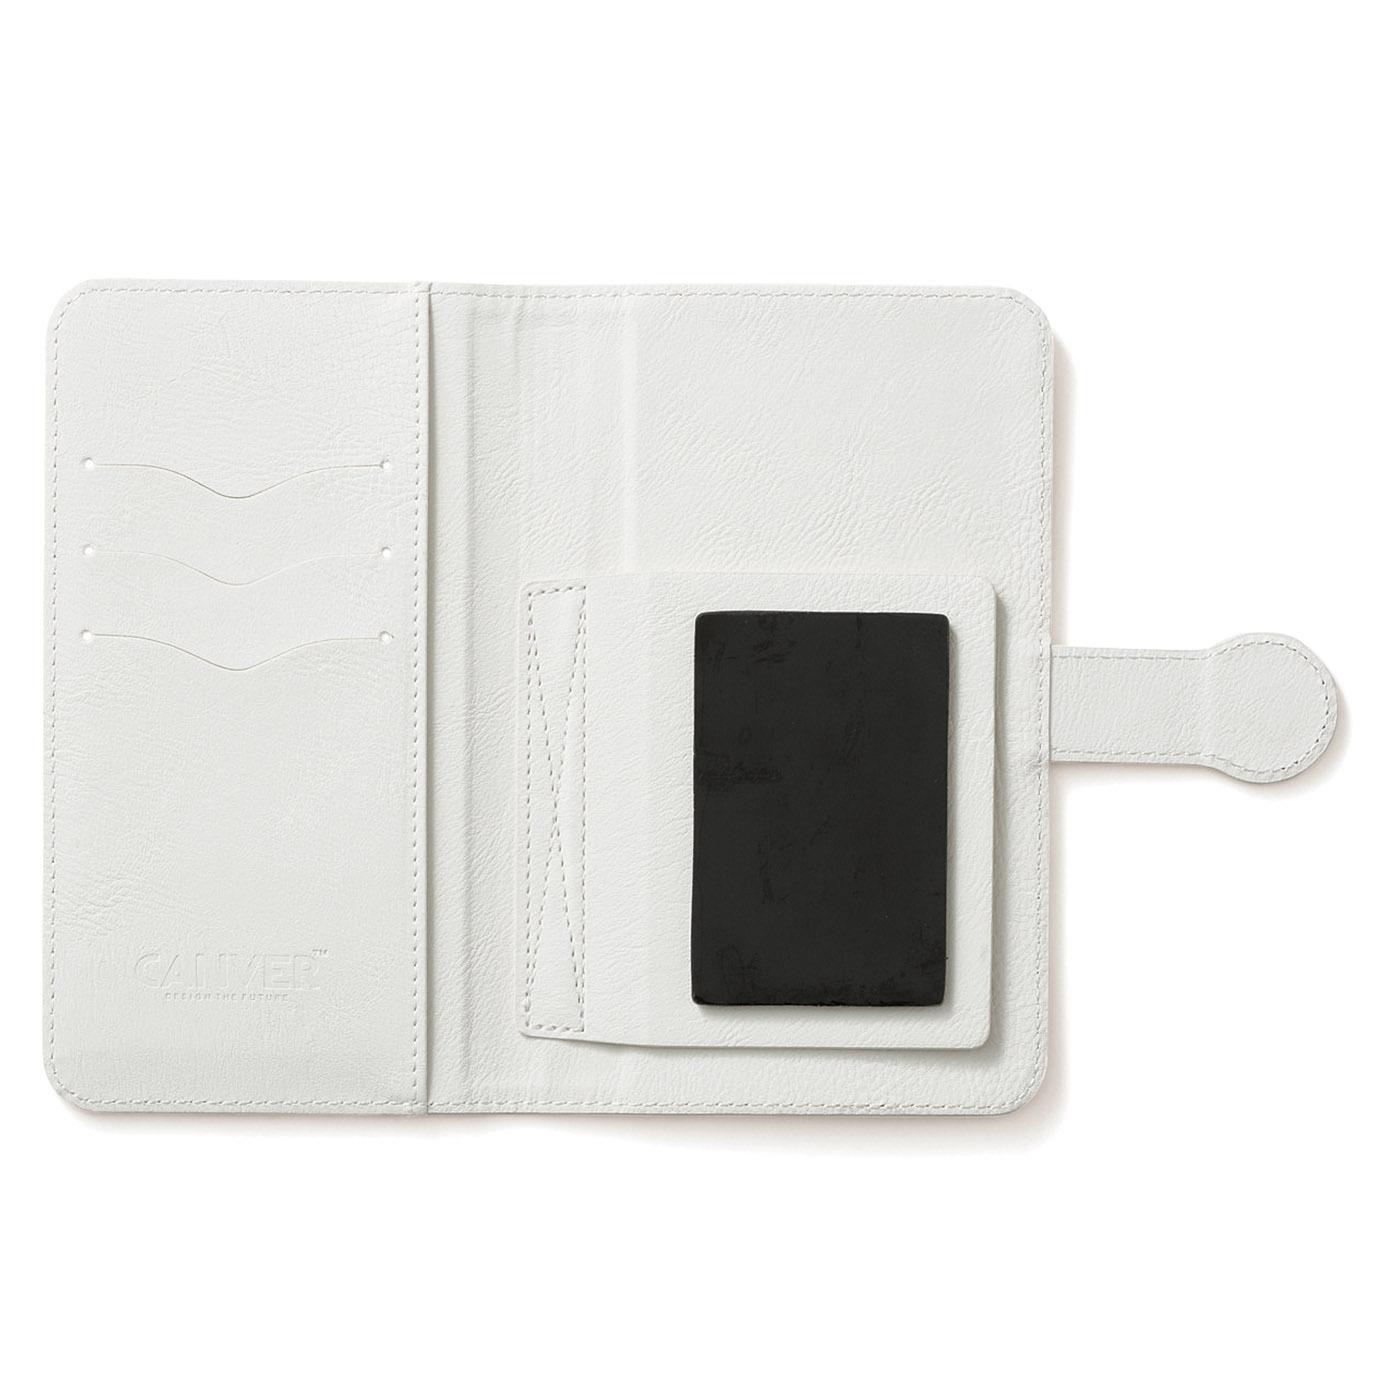 内側はすべてオフホワイト。カードを3枚収納できるカードスリット付き。